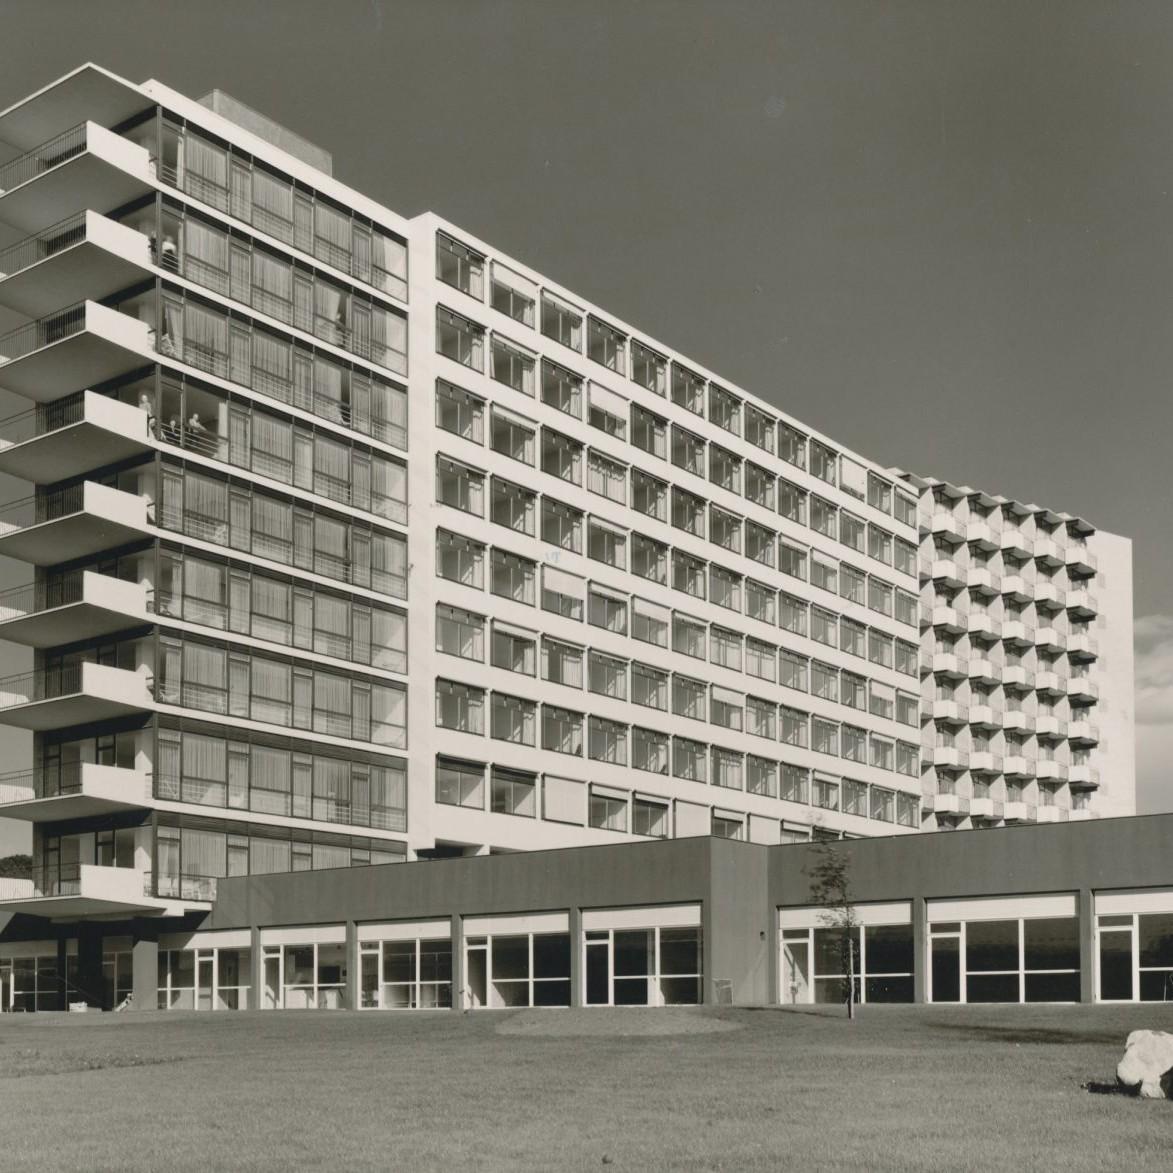 Harald Deilmann: Kurklinik Bad Salzuflen, 1953-1957 - Foto: Baukunstarchiv NRW, Nachlass Harald Deilmann